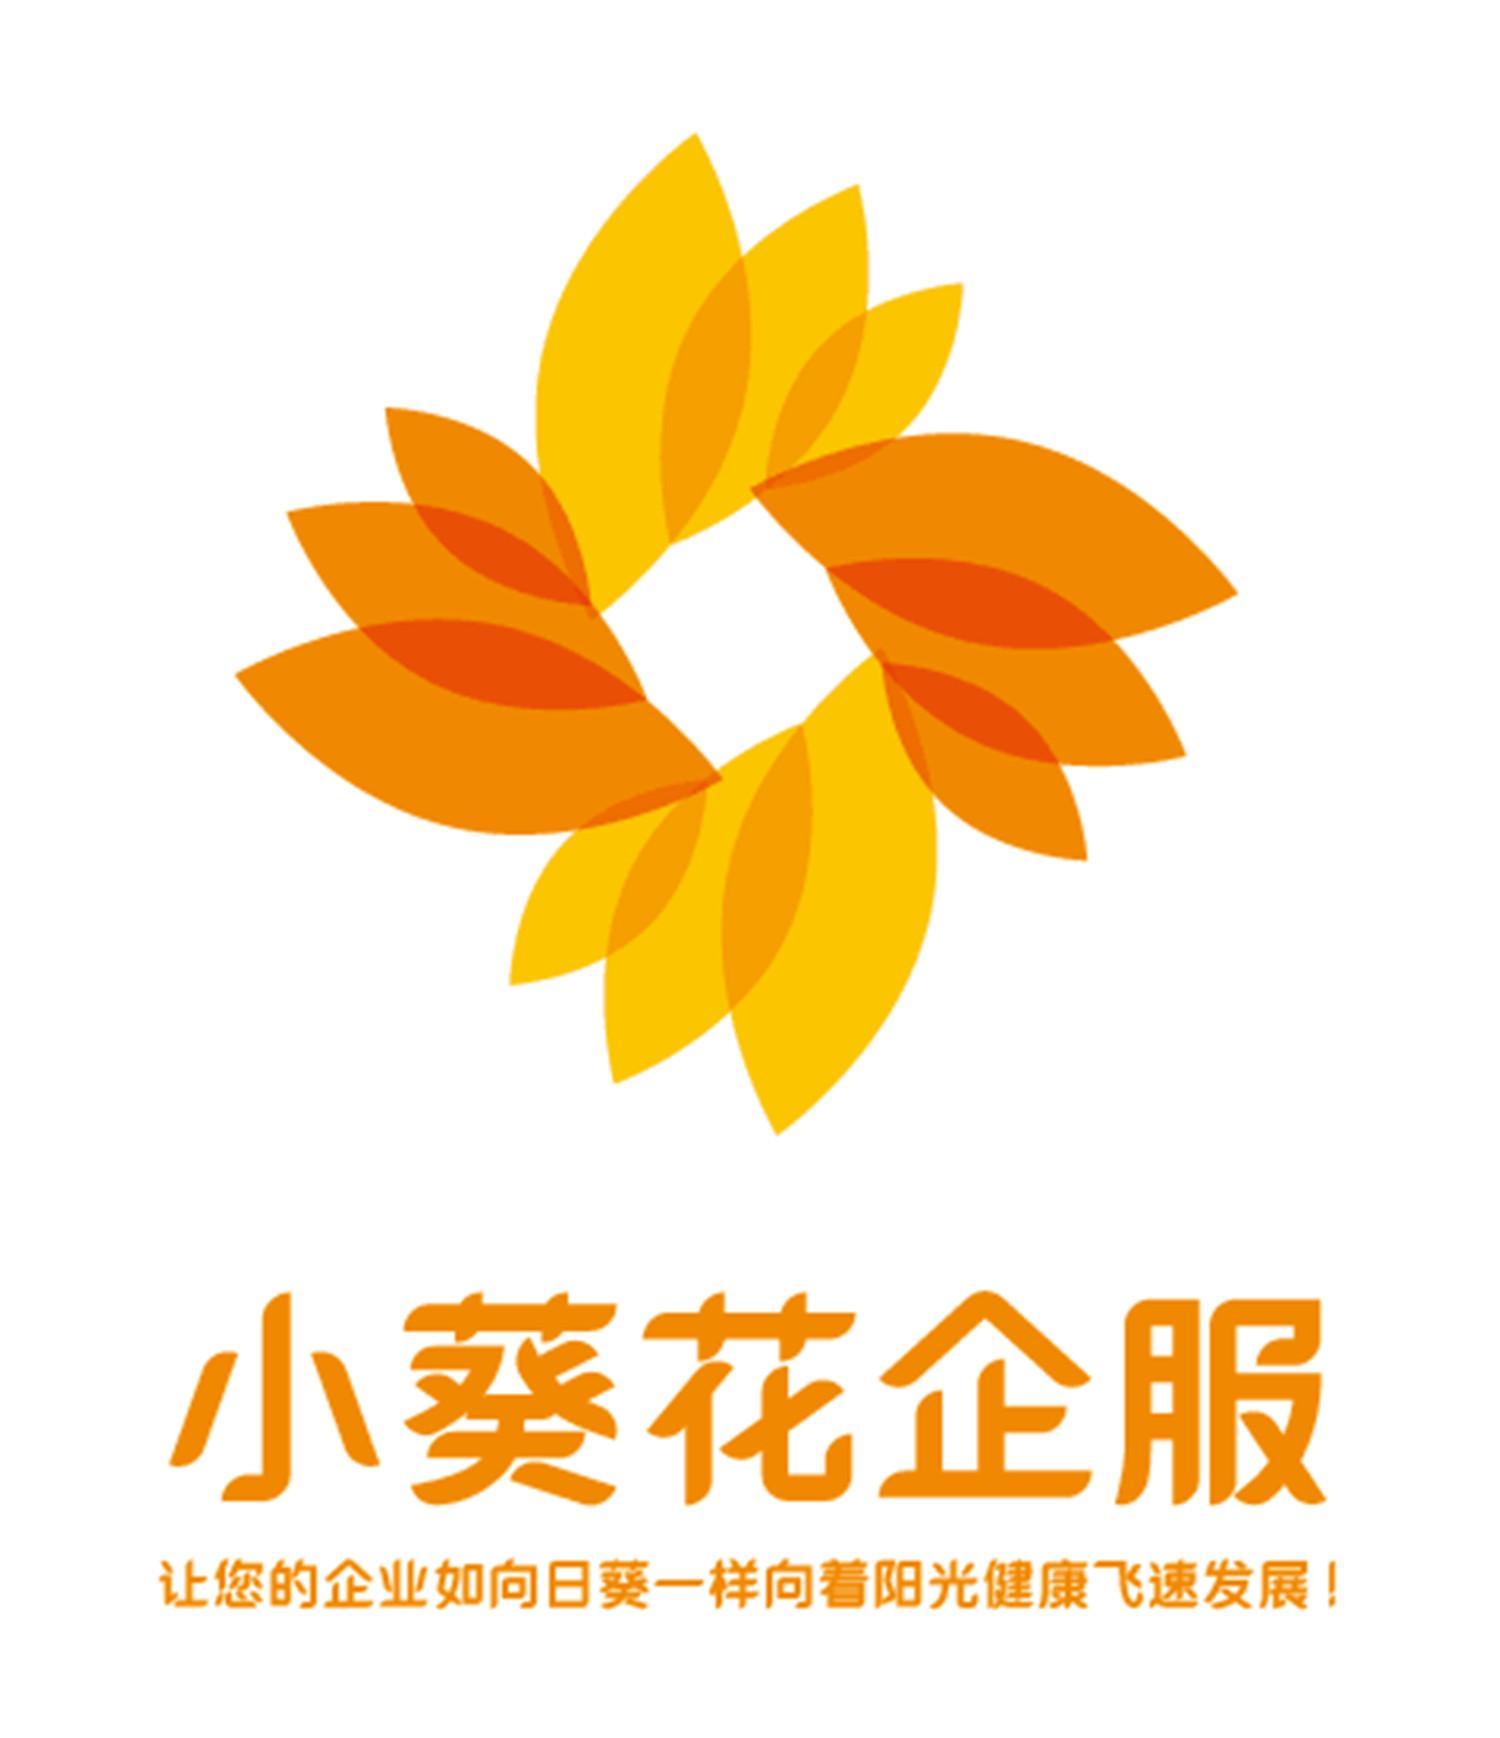 logo logo 标志 设计 矢量 矢量图 素材 图标 1500_1738